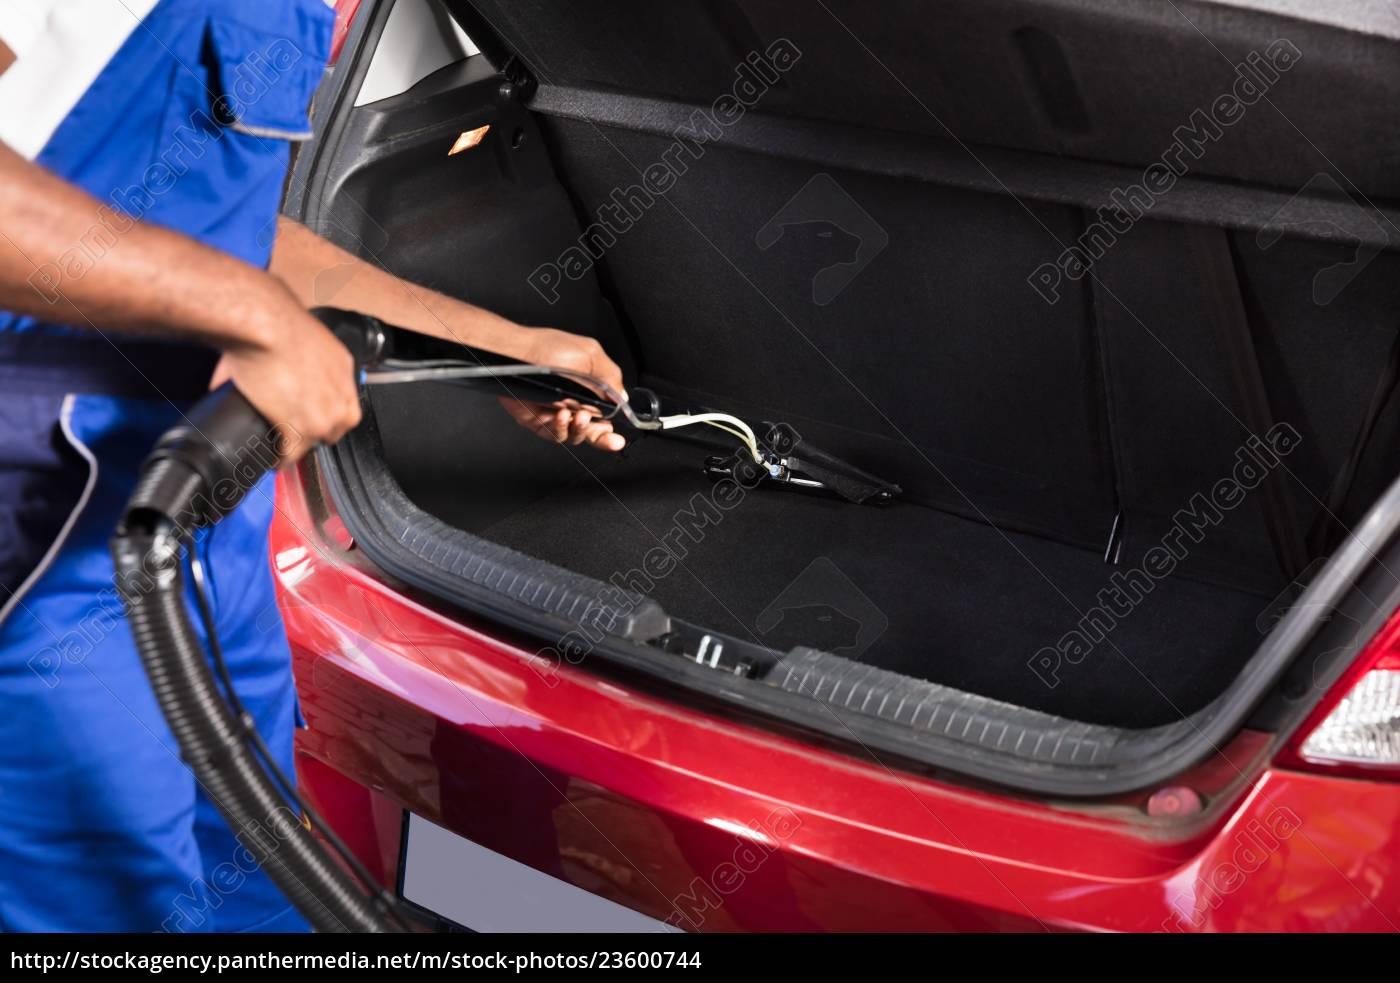 vacuuming, car, trunk - 23600744